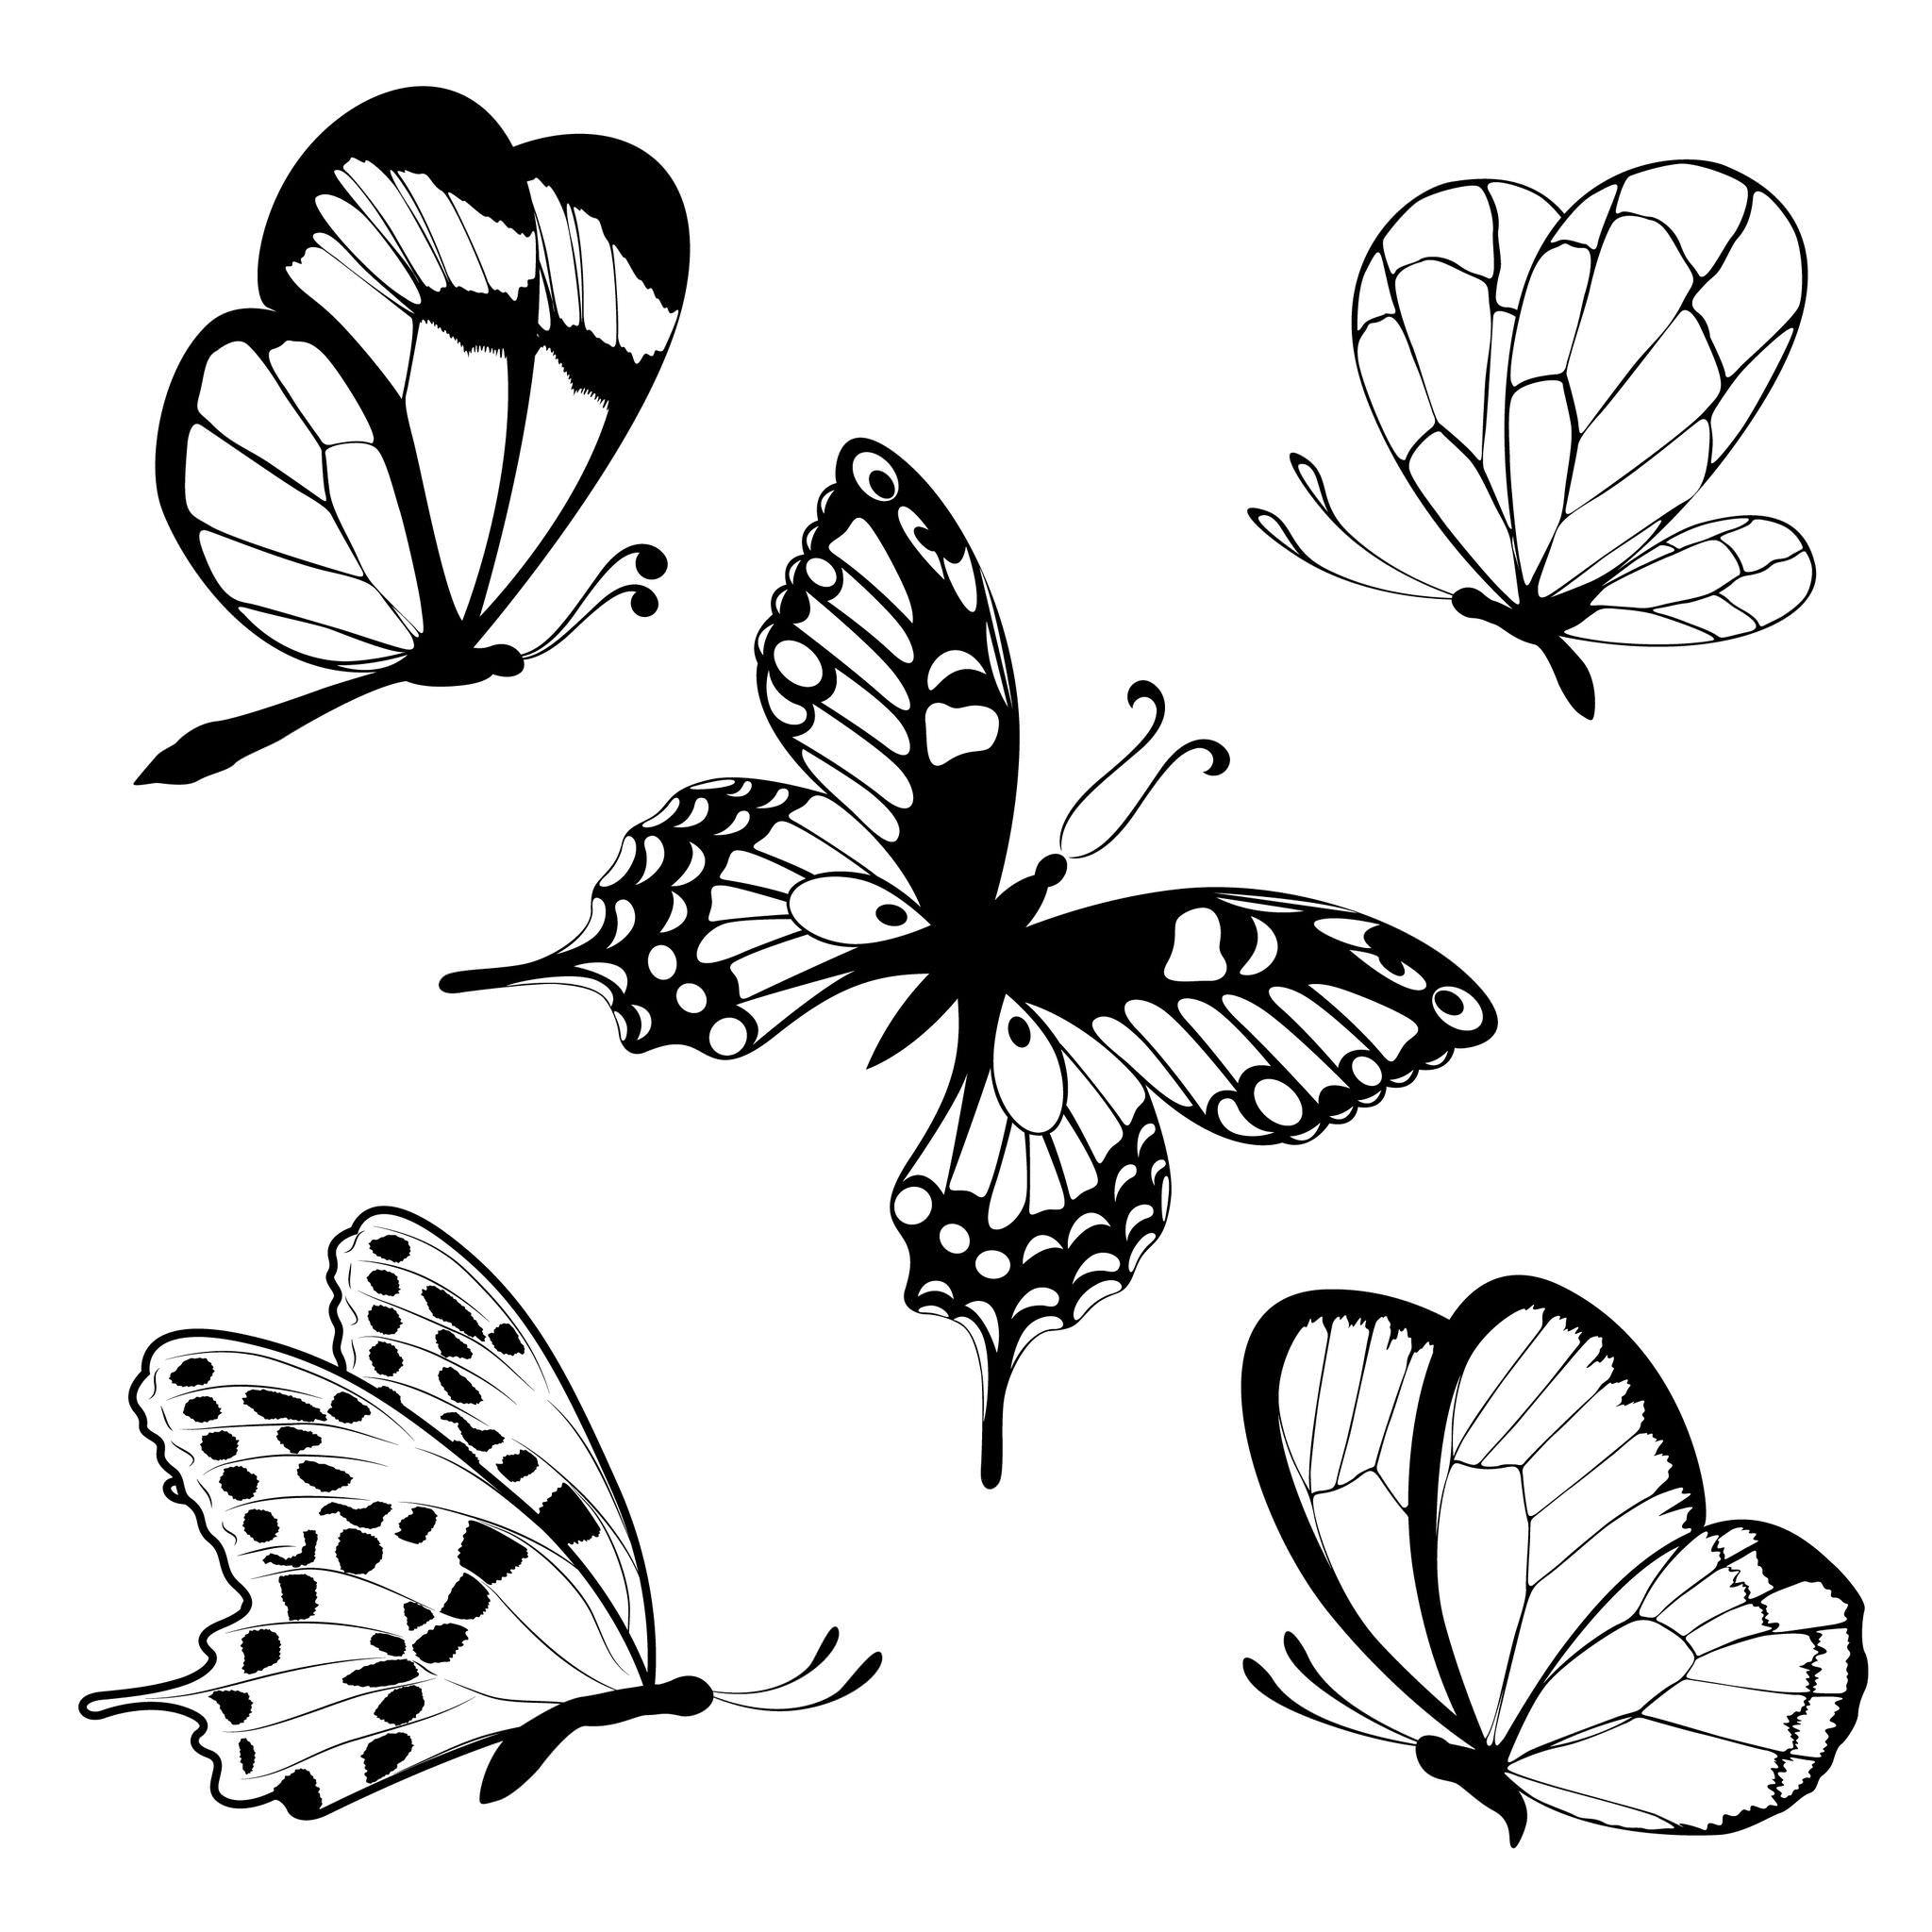 Coloriage Papillons - Facile encequiconcerne Coloriage Papillon